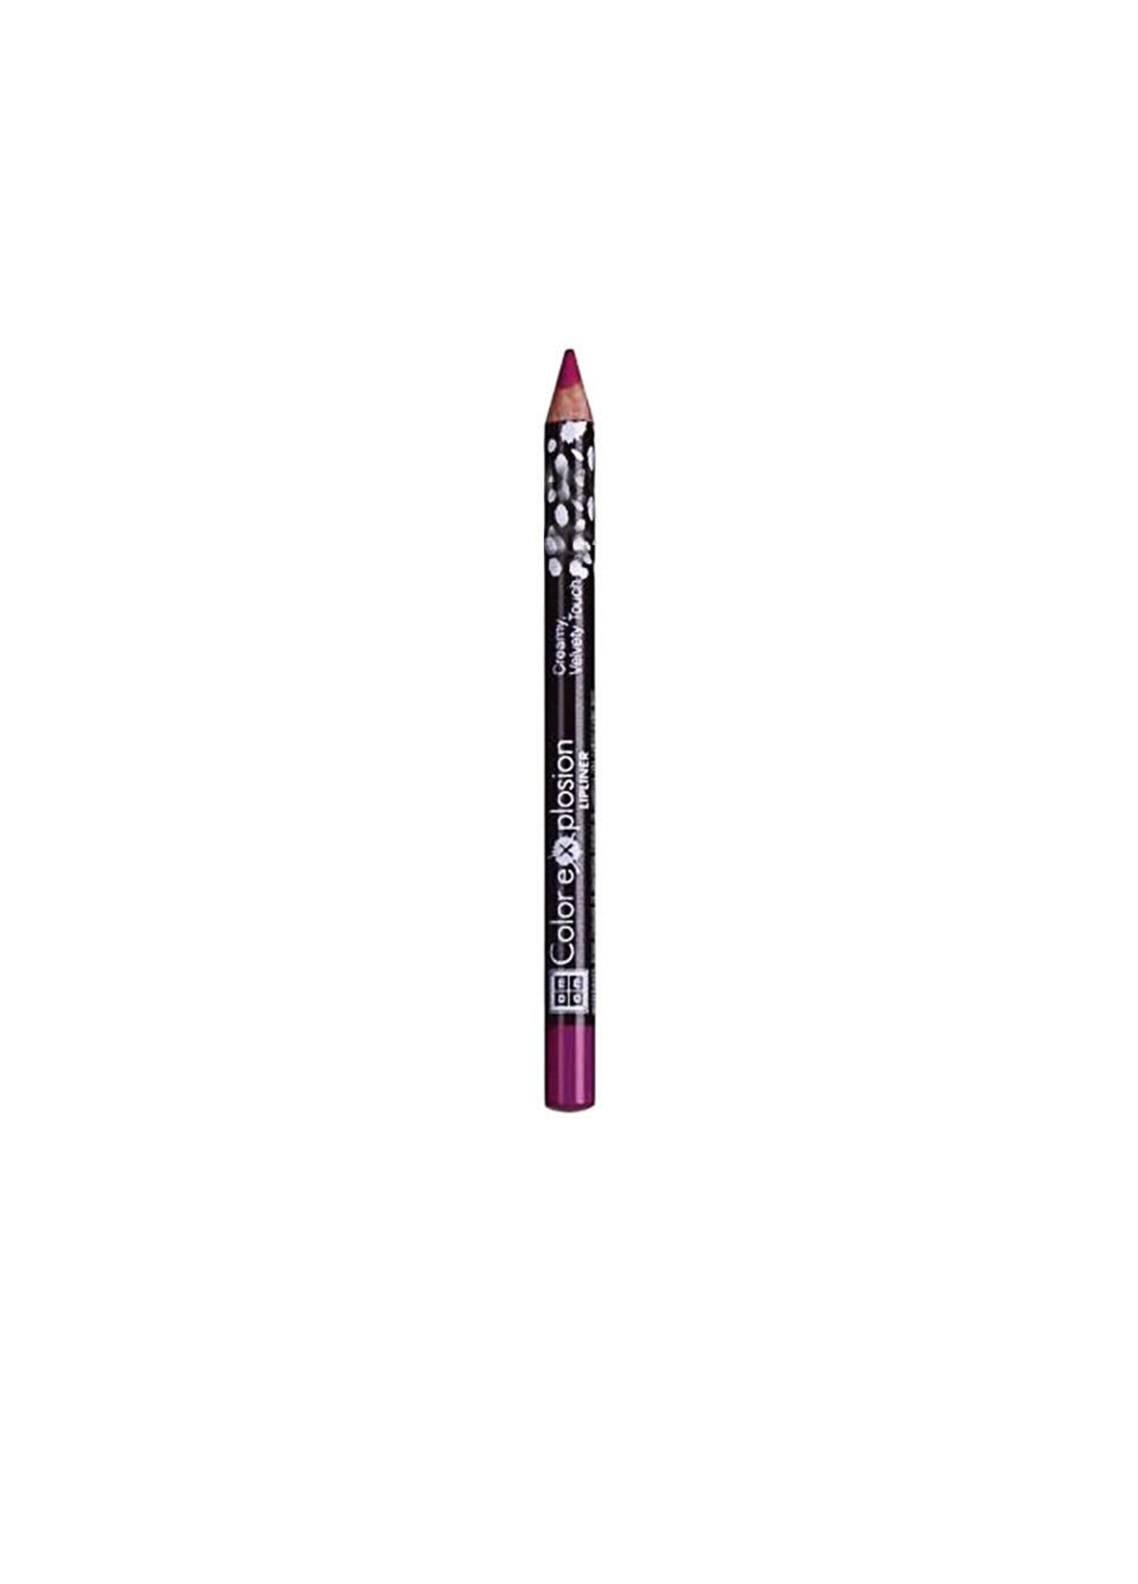 DMGM Color Explosion Lipliner - Pink Obsession - 04